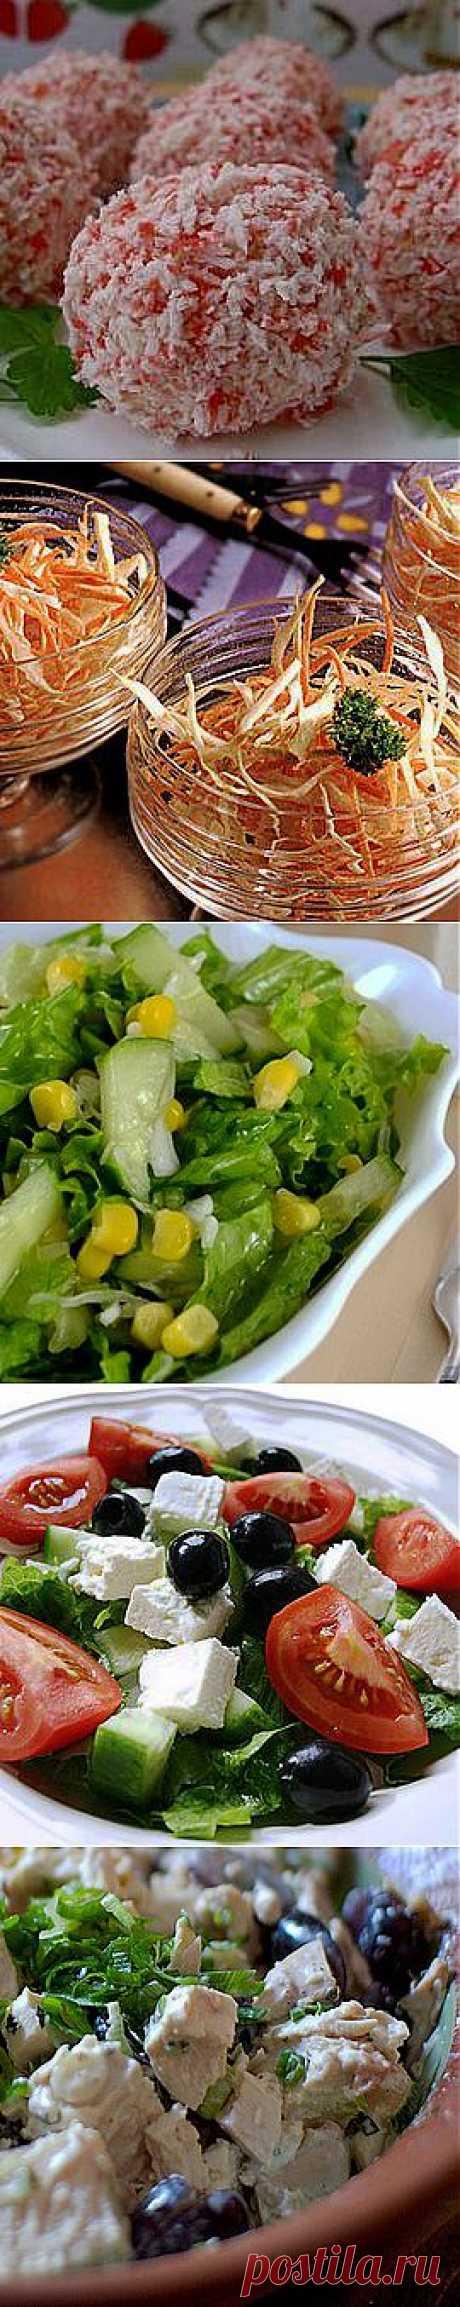 Салаты на скорую руку - рецепты салатов на скорую руку от известных шеф-поваров с фото